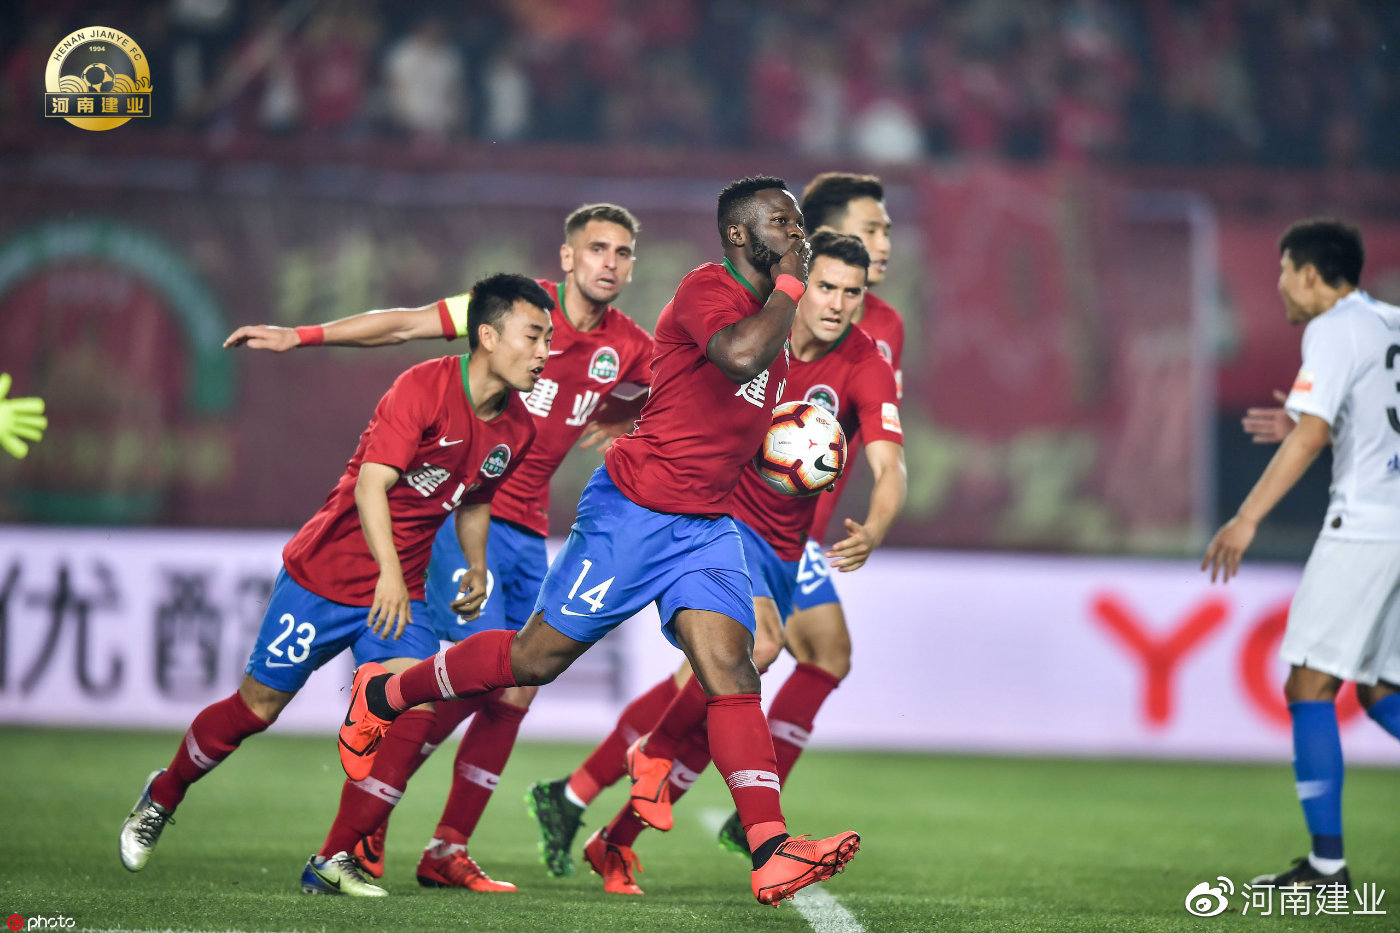 官方:建业与奥汗德扎续约,球员下半赛季继续为球队征战